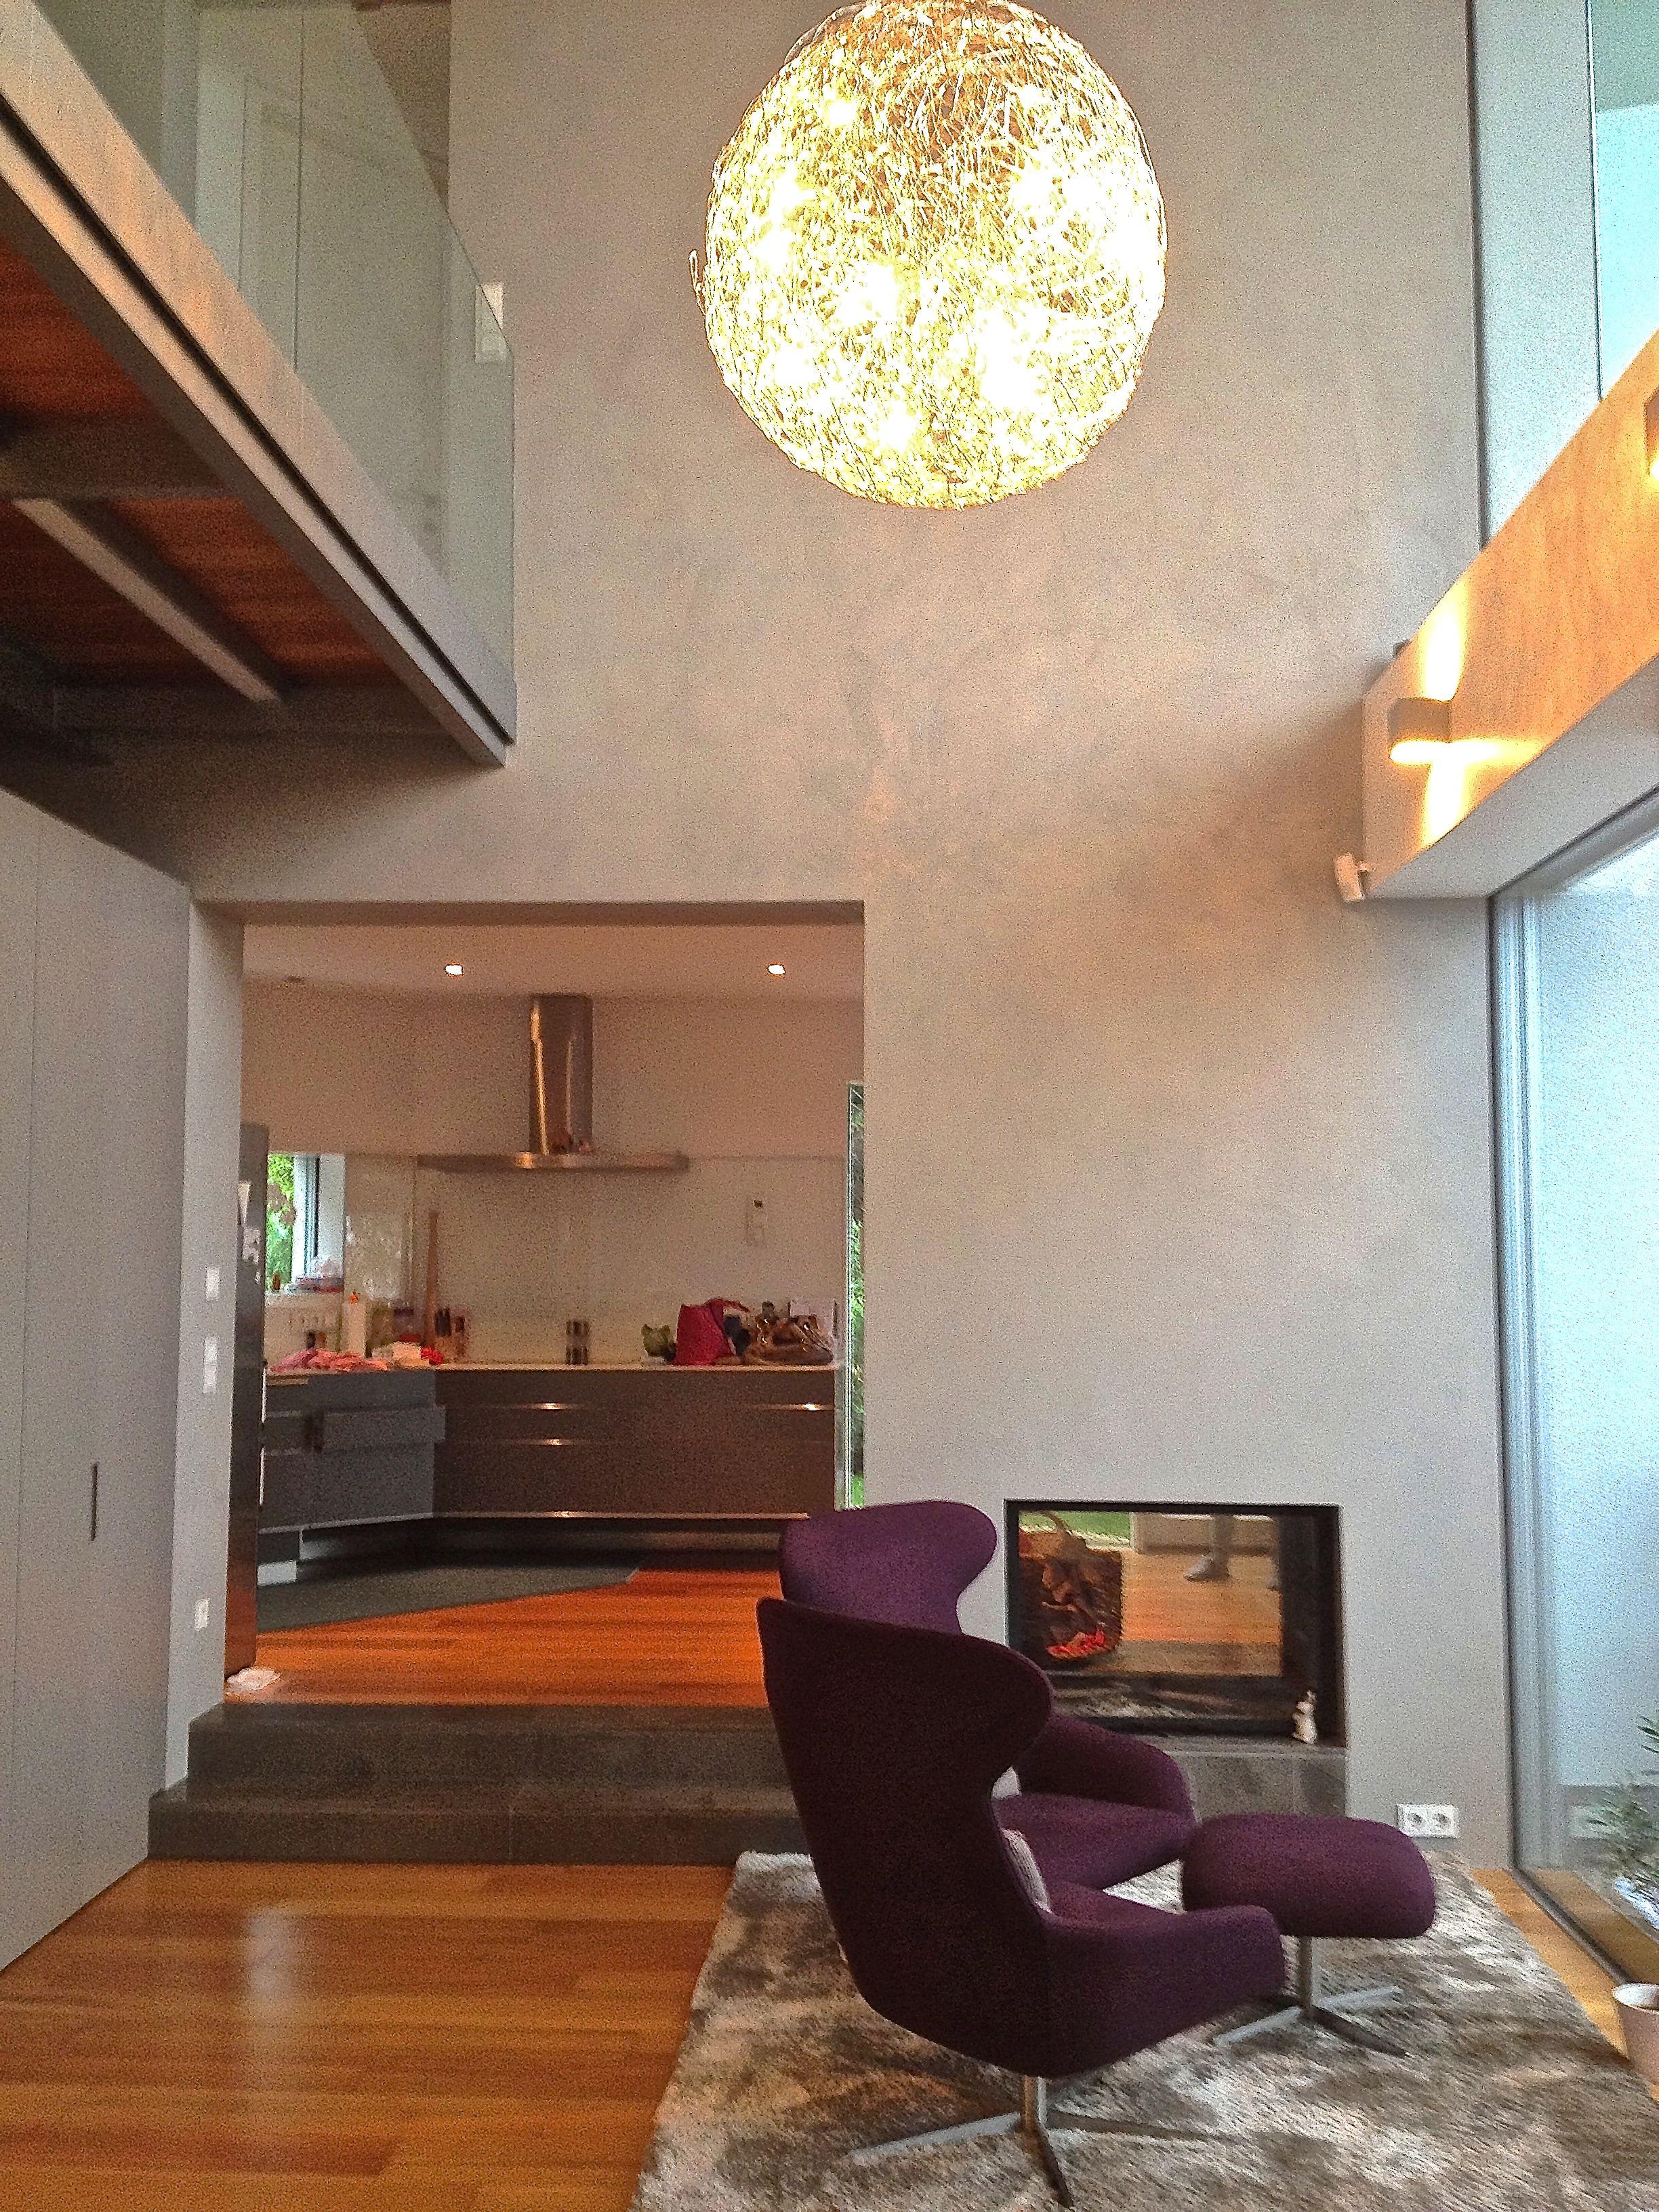 wand mit béton ciré original-beschichtung in einem sehr hellen, Wohnzimmer dekoo